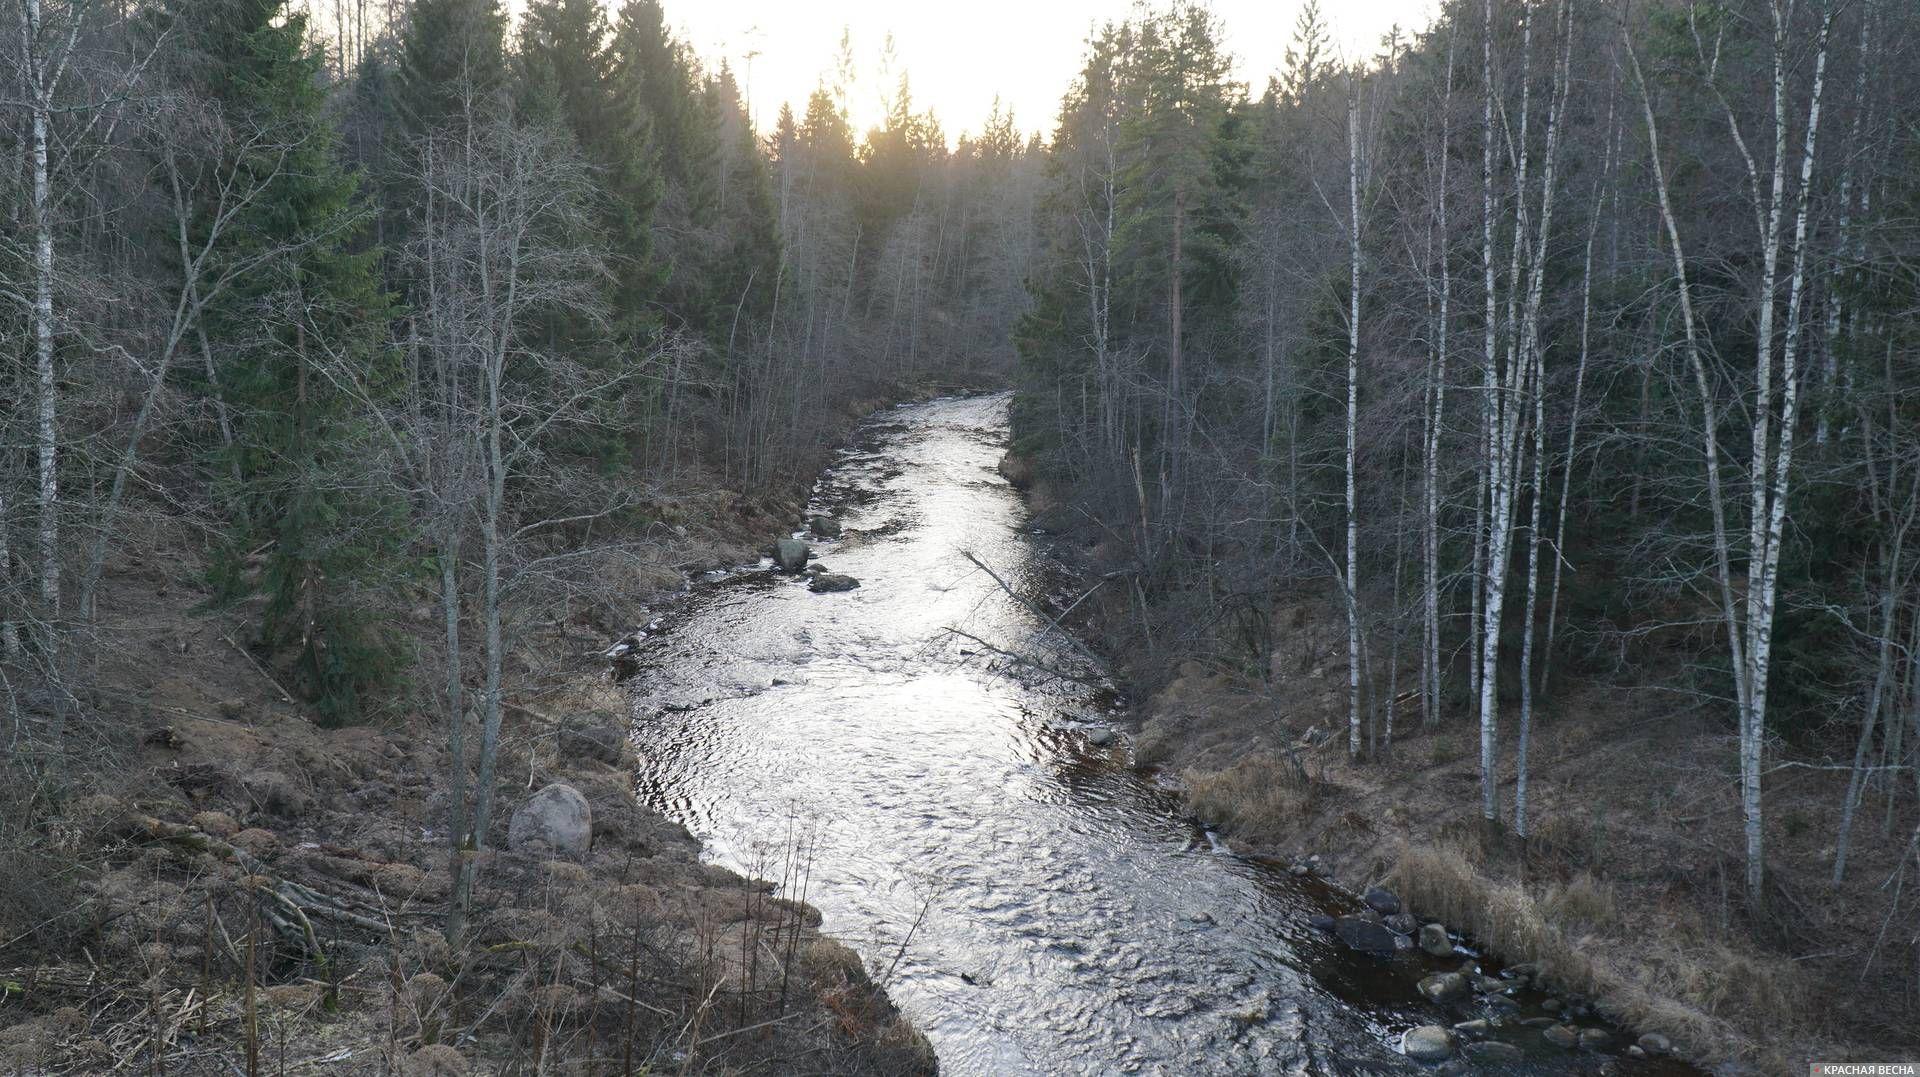 Река Сестра неподалеку от Майнило, бывшая советско-финляндская граница. 23.11.2019